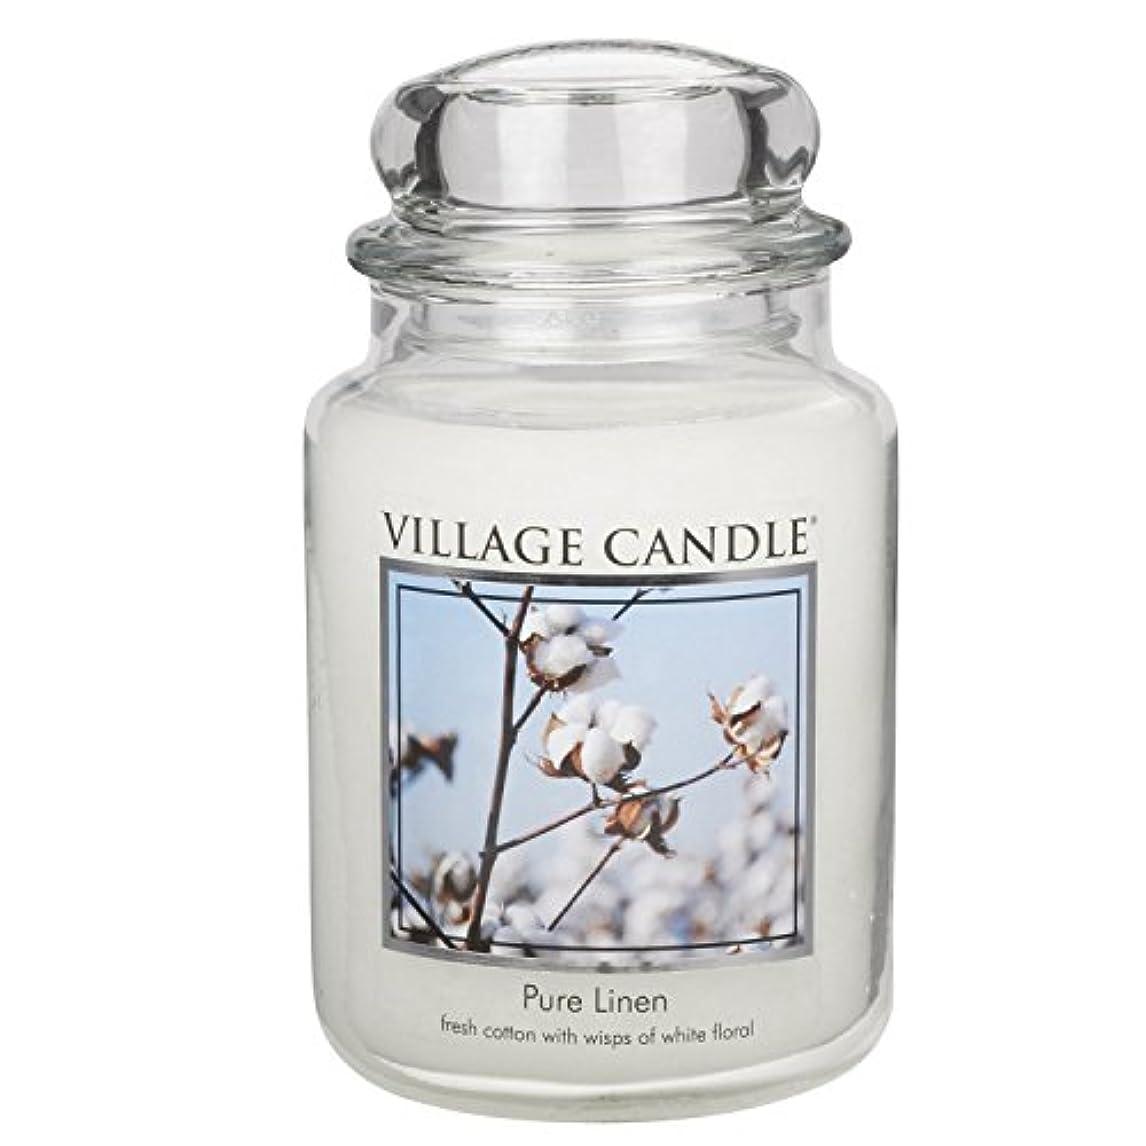 クーポン密ポンペイVillage Candle Large Fragranced Candle Jar - 17cm x 10cm - 26oz (1219g)- Pure Linen - upto 170 hours burn time...